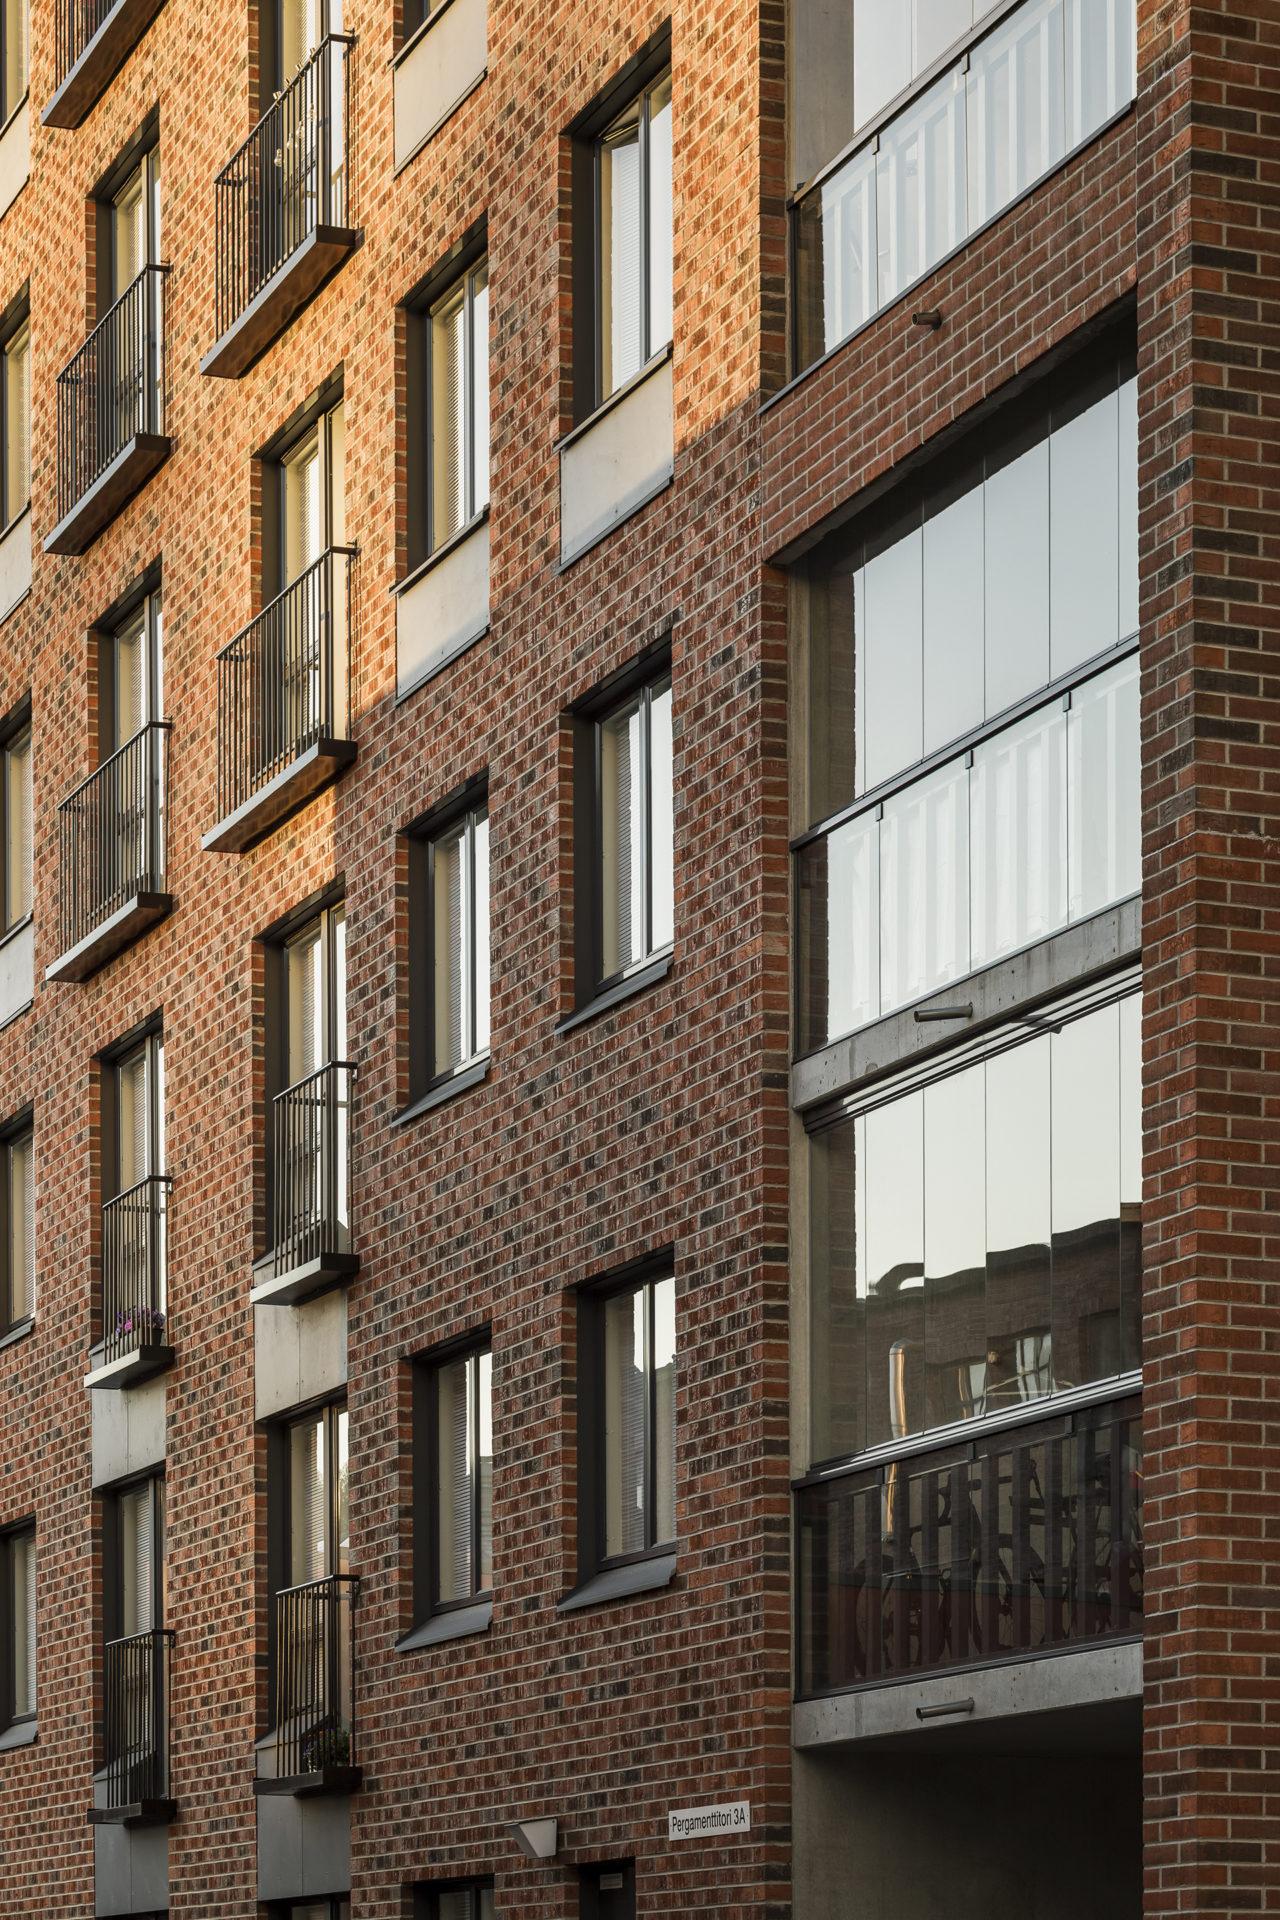 Jyväskylän Pergamenttitorin ikkuna- ja parvekedetaljeja